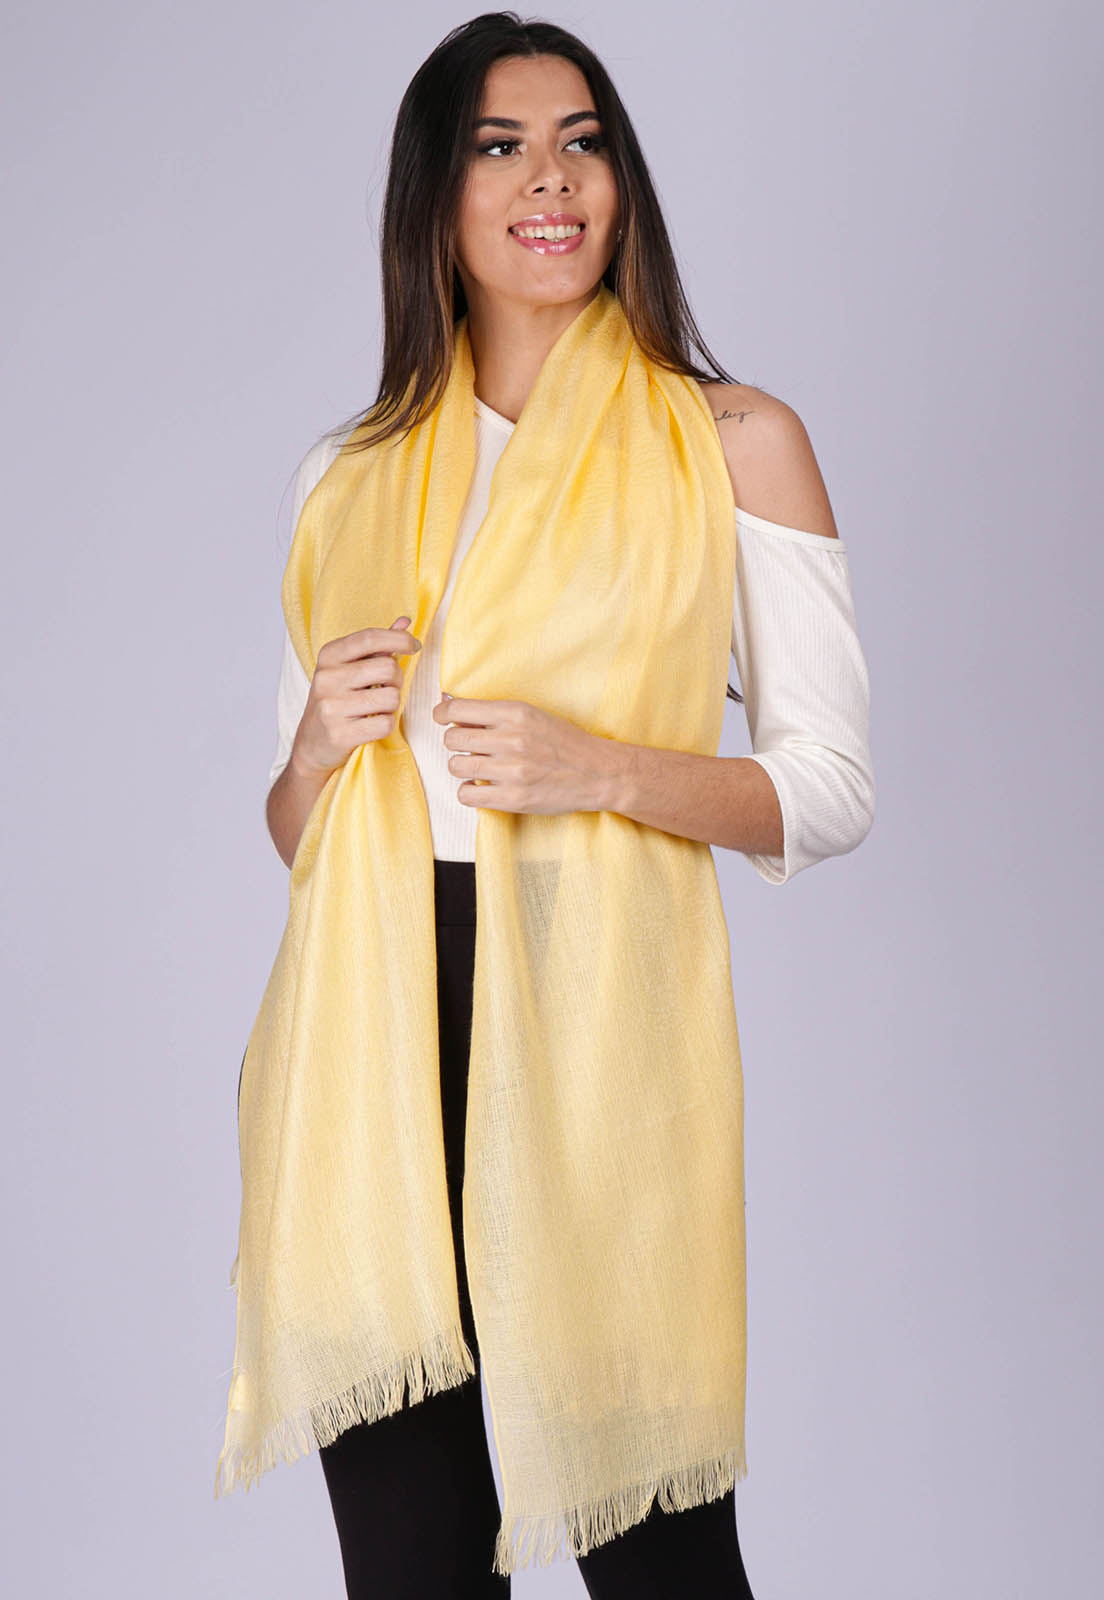 Echarpe Lenço Feminino Liso Panamá Amarelo Blond